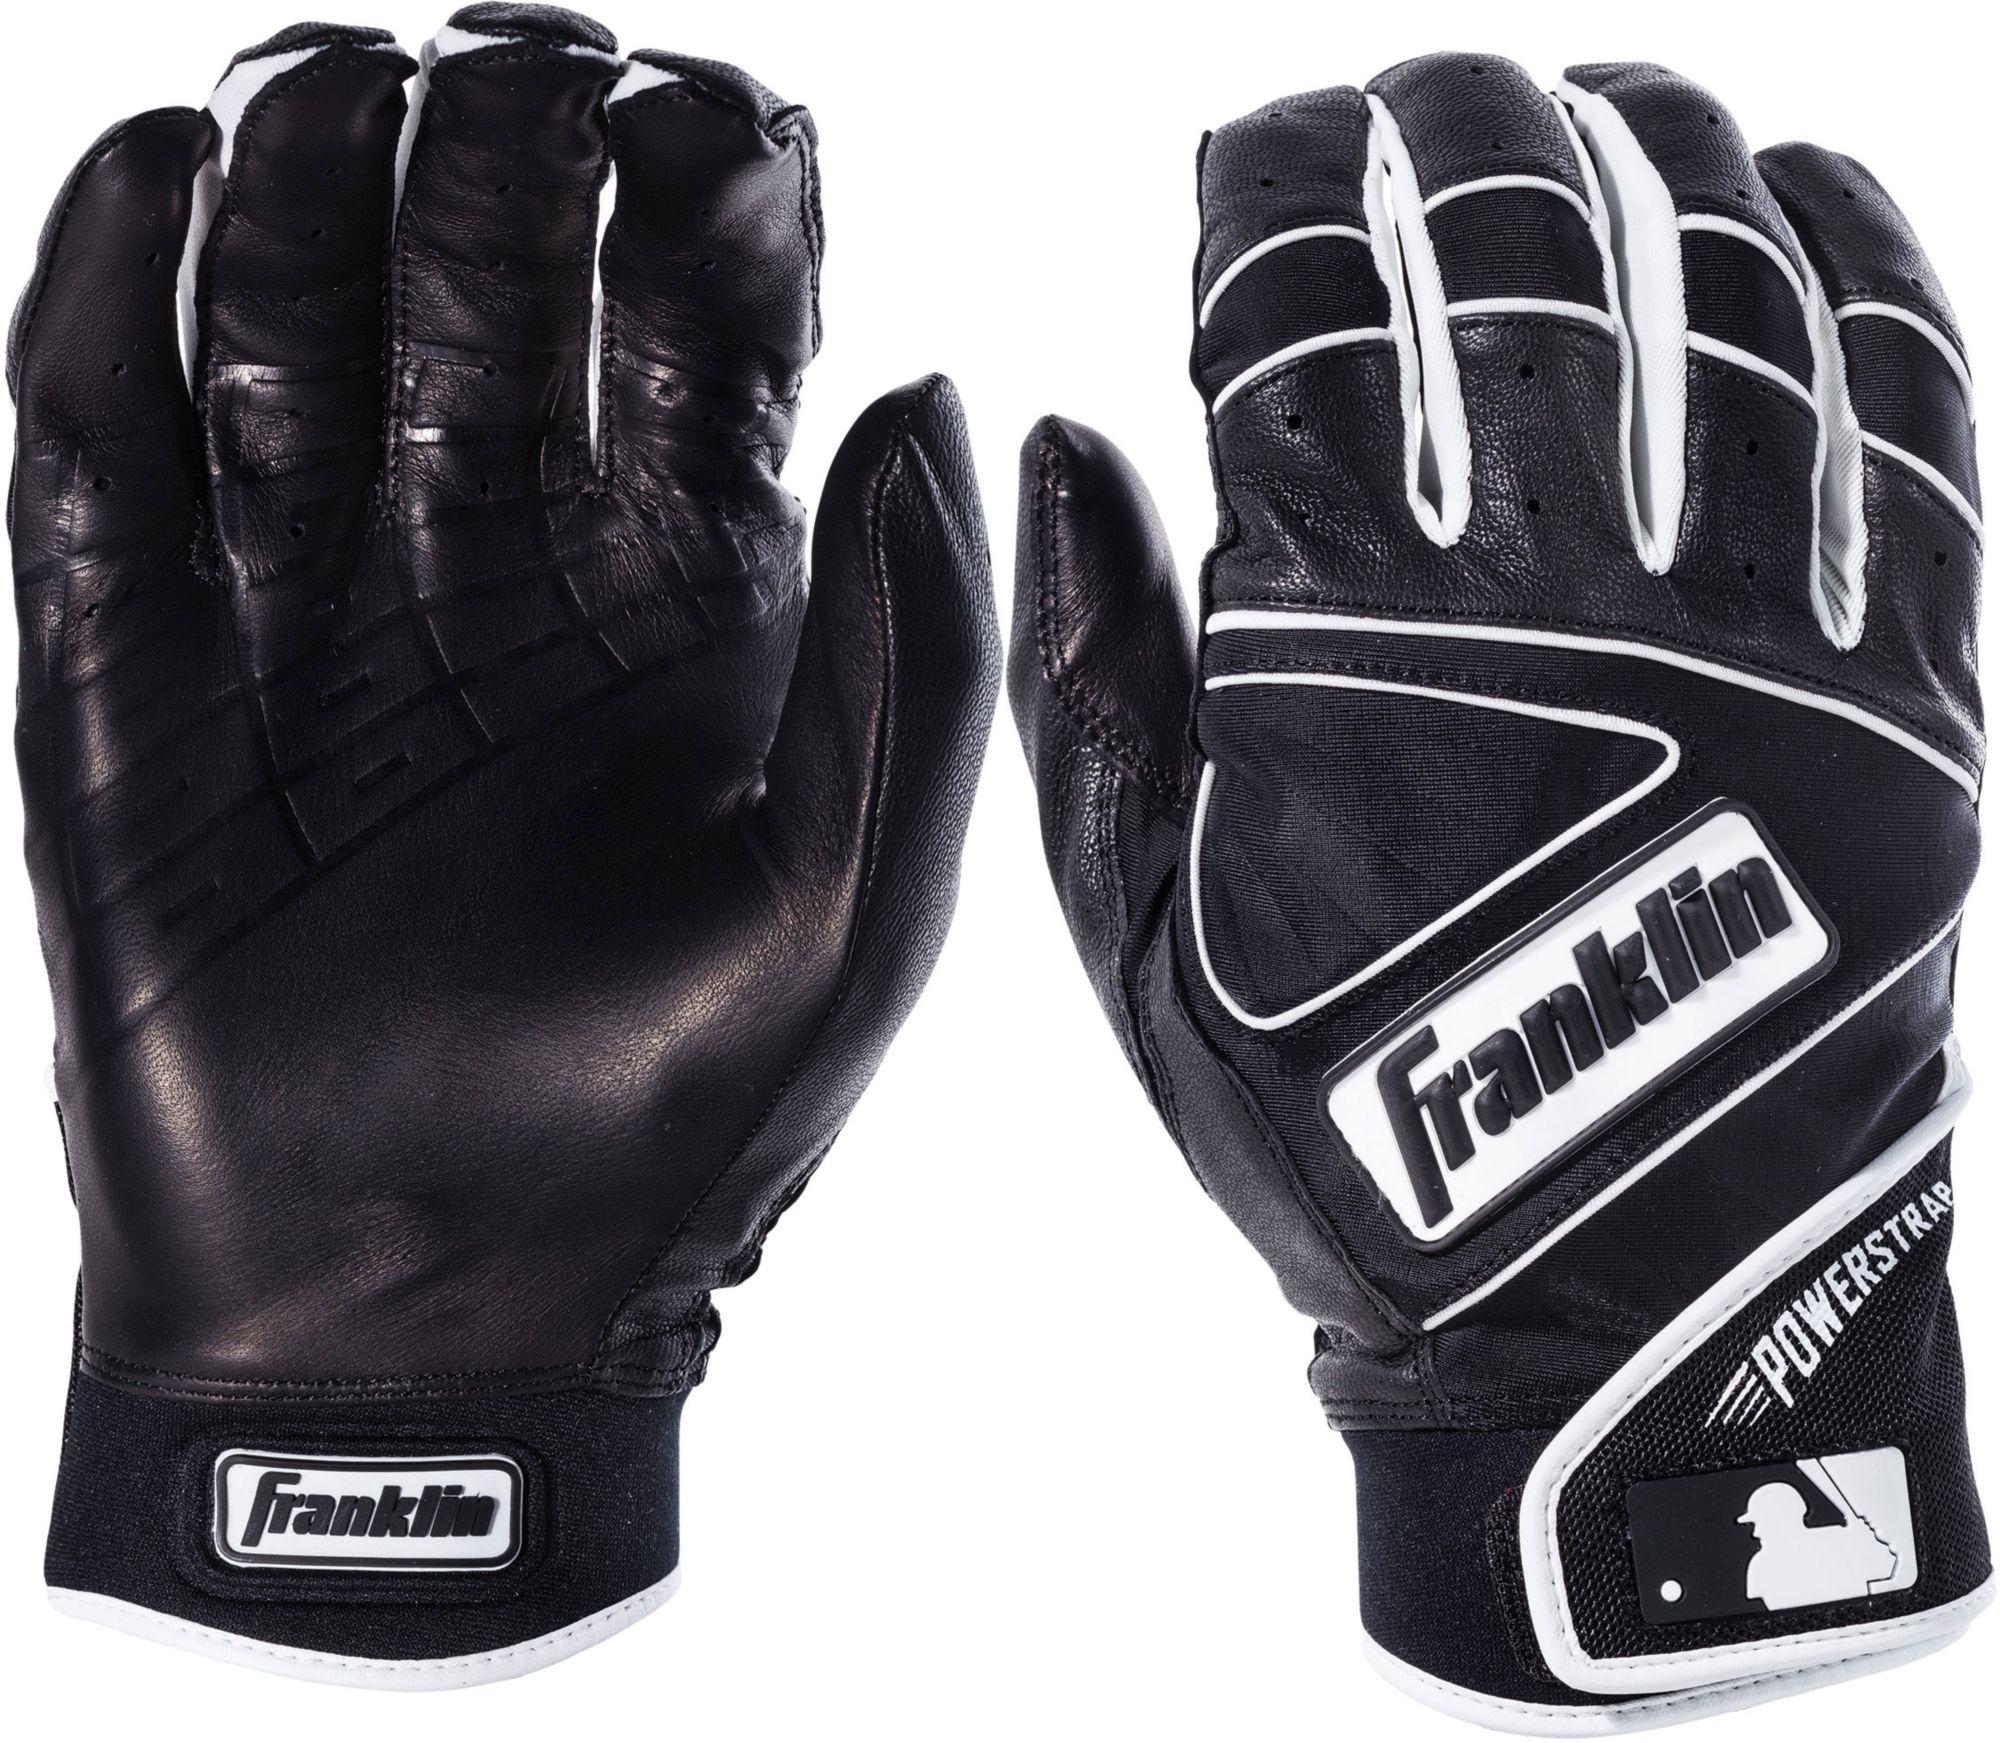 Black batting gloves - Noimagefound